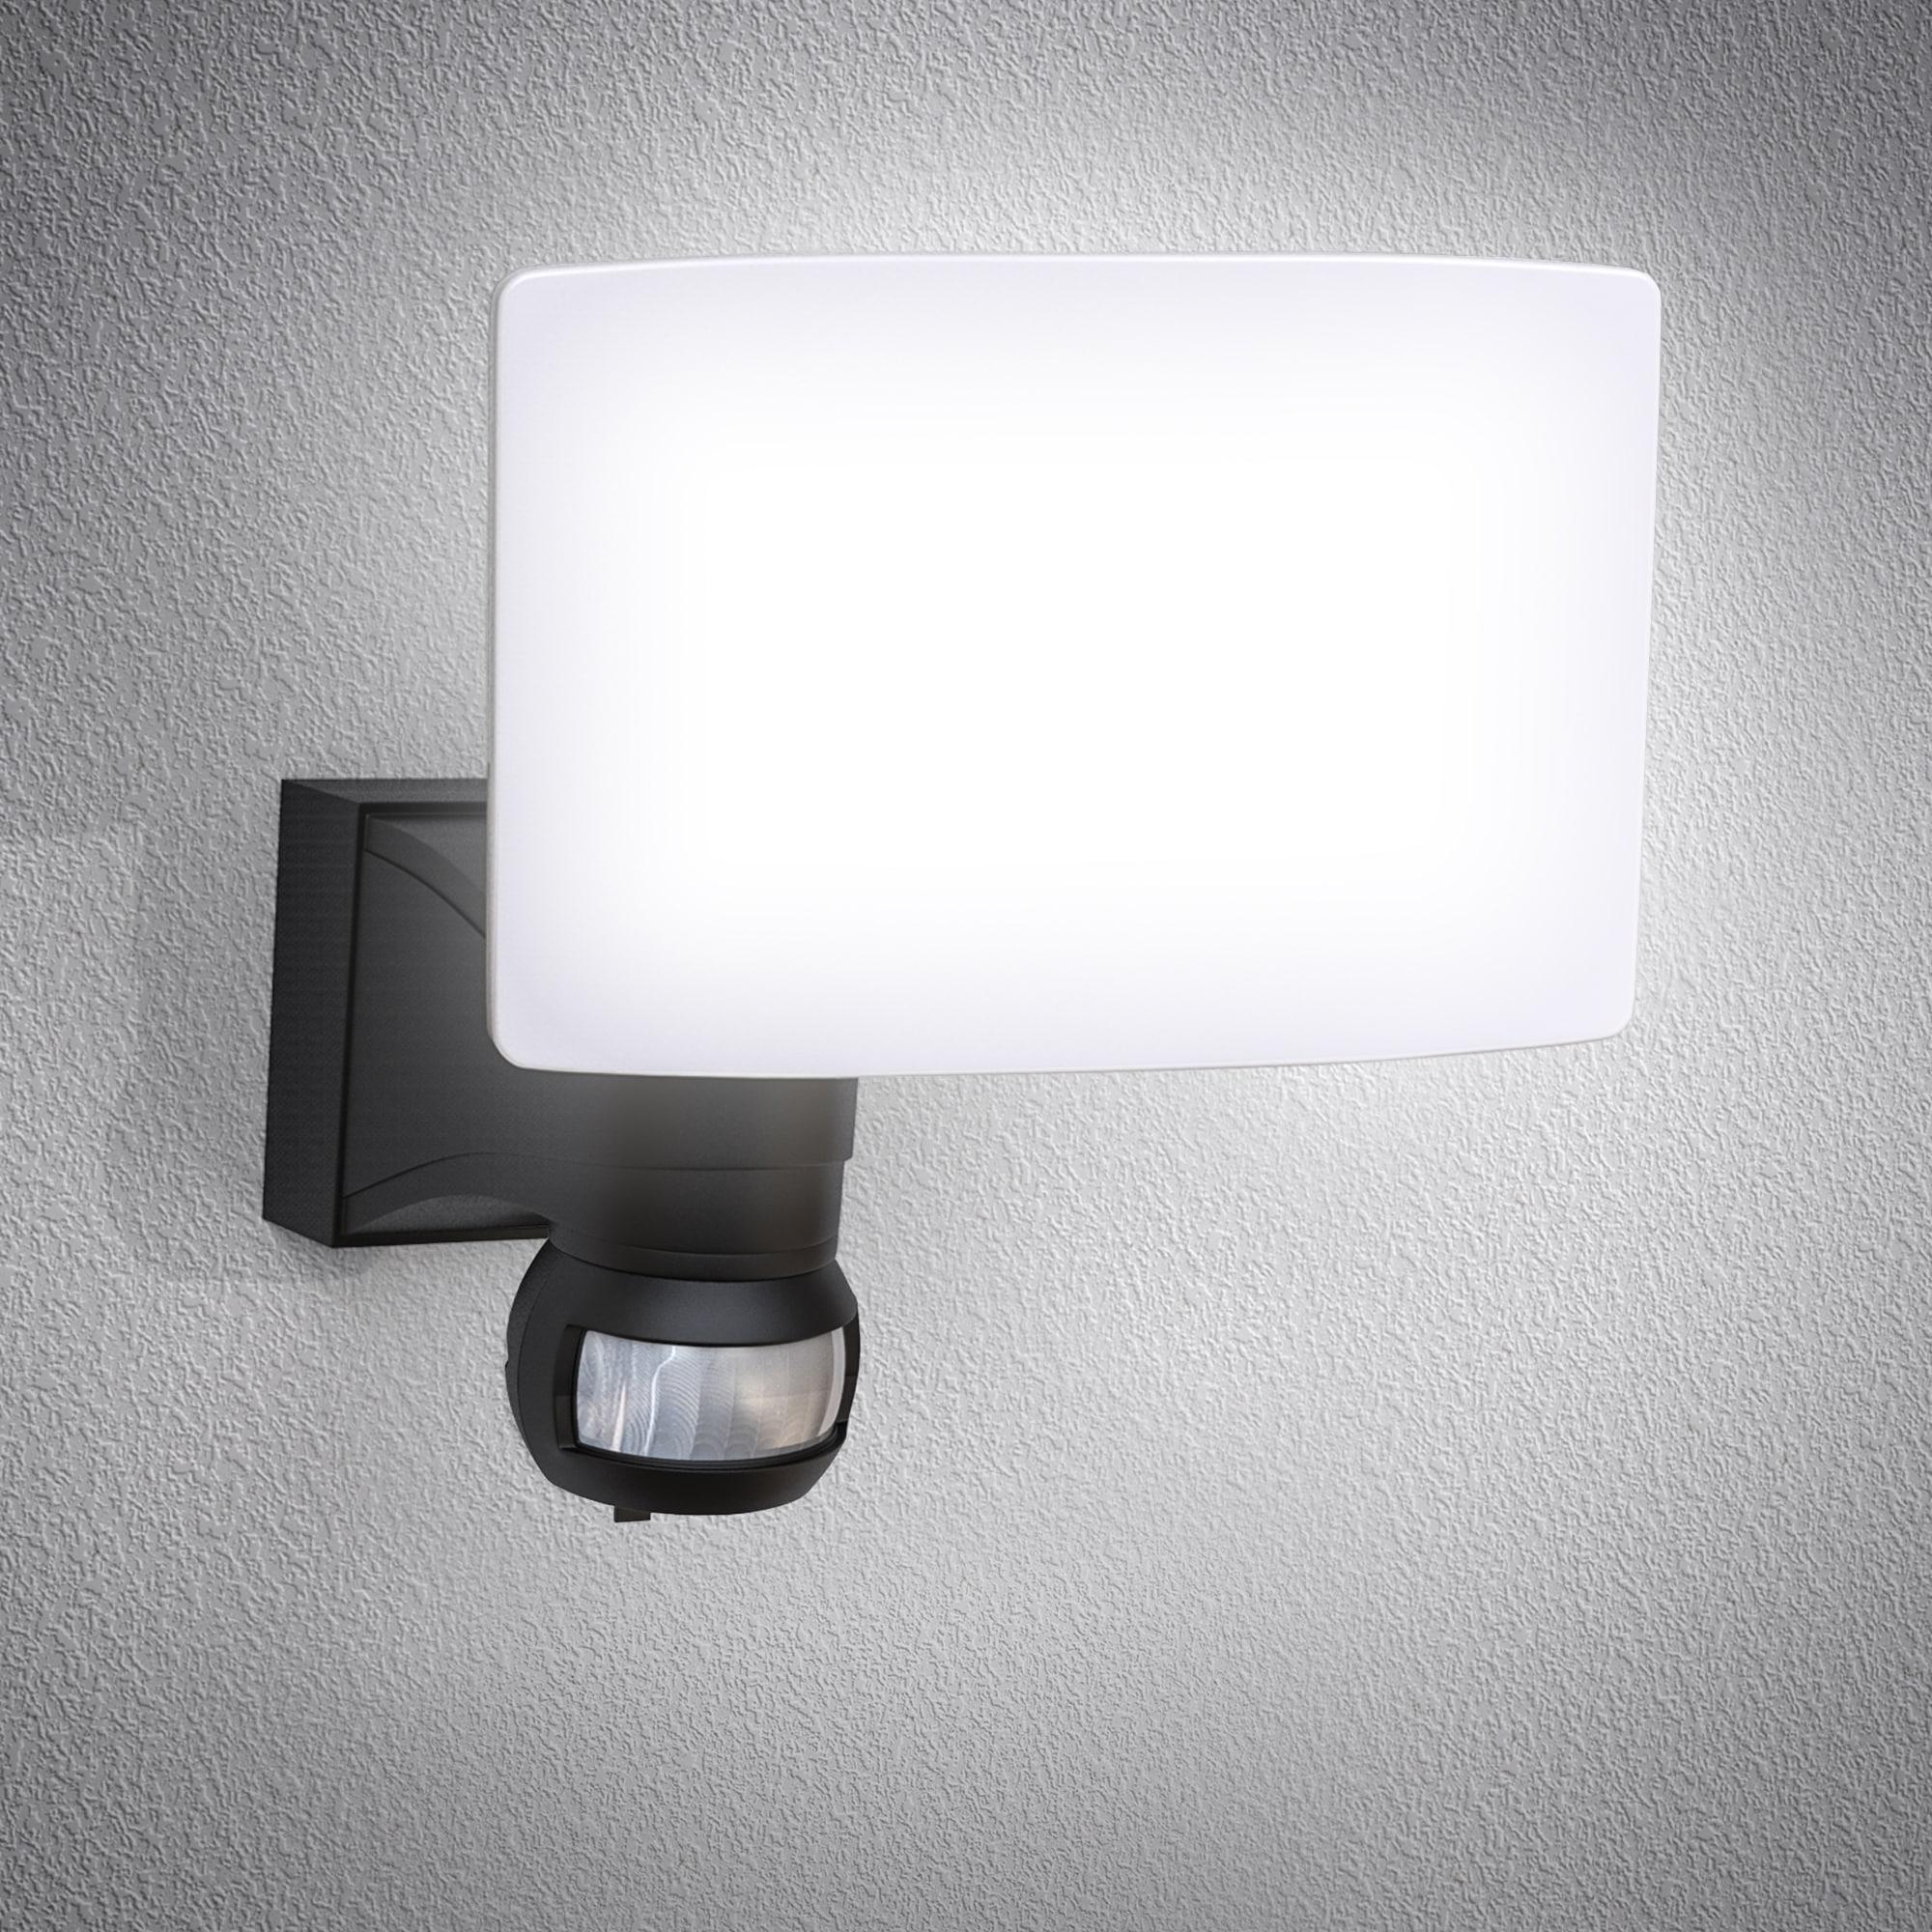 B.K.Licht LED Außen-Wandleuchte, LED-Board, Neutralweiß, LED Außenleuchte Bewegungsmelder schwenkbar 20W 2.300 Lumen 4.000K IP44 Spritzwasserschutz